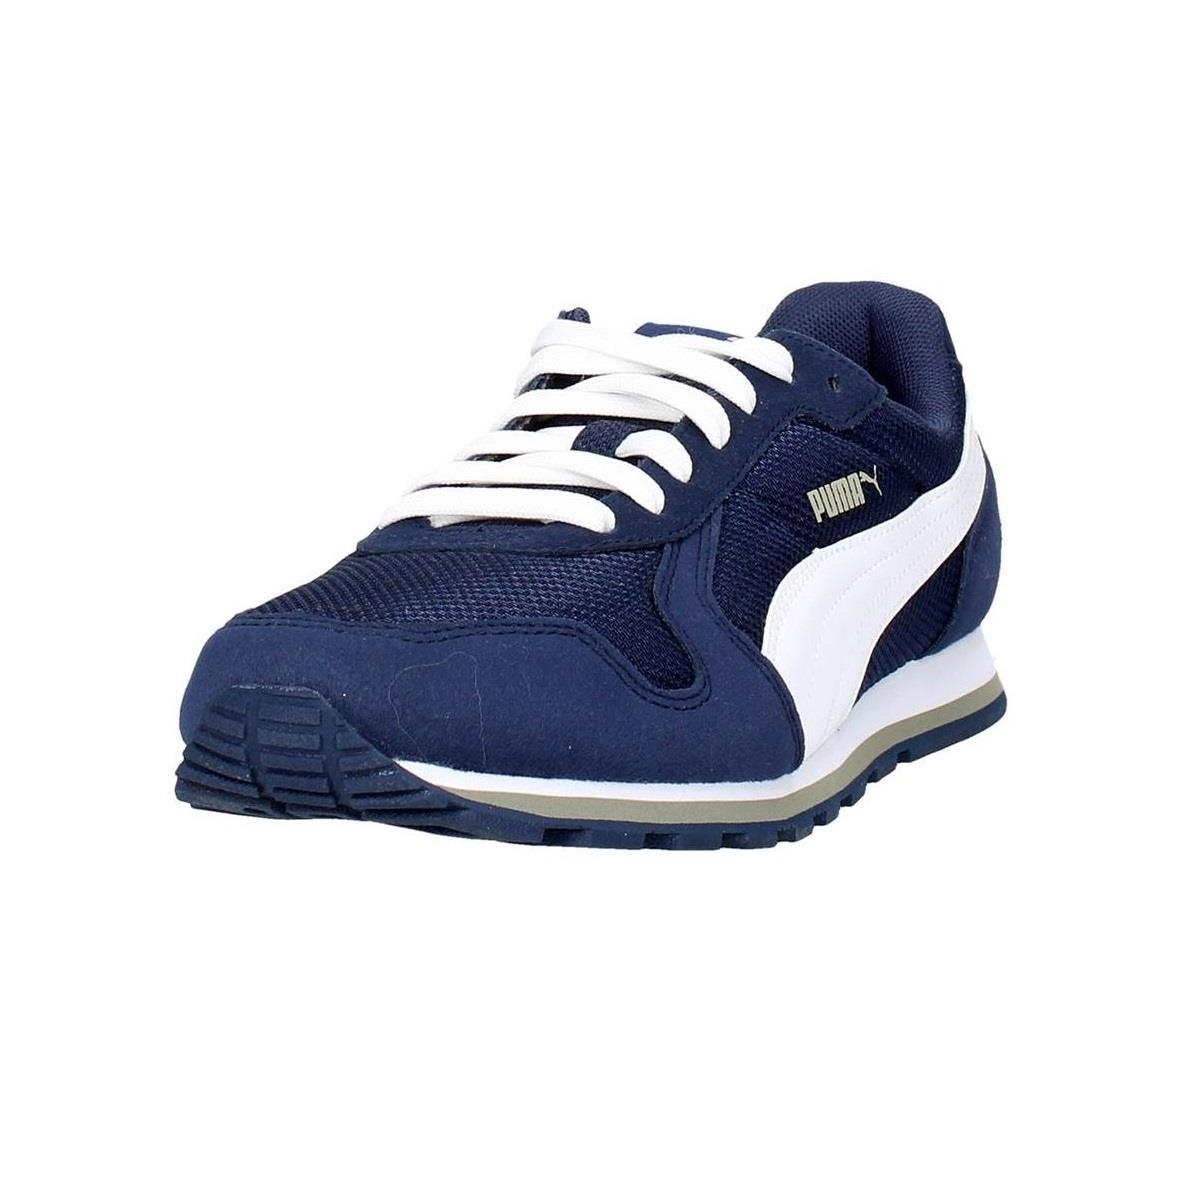 scarpe ragazzo puma